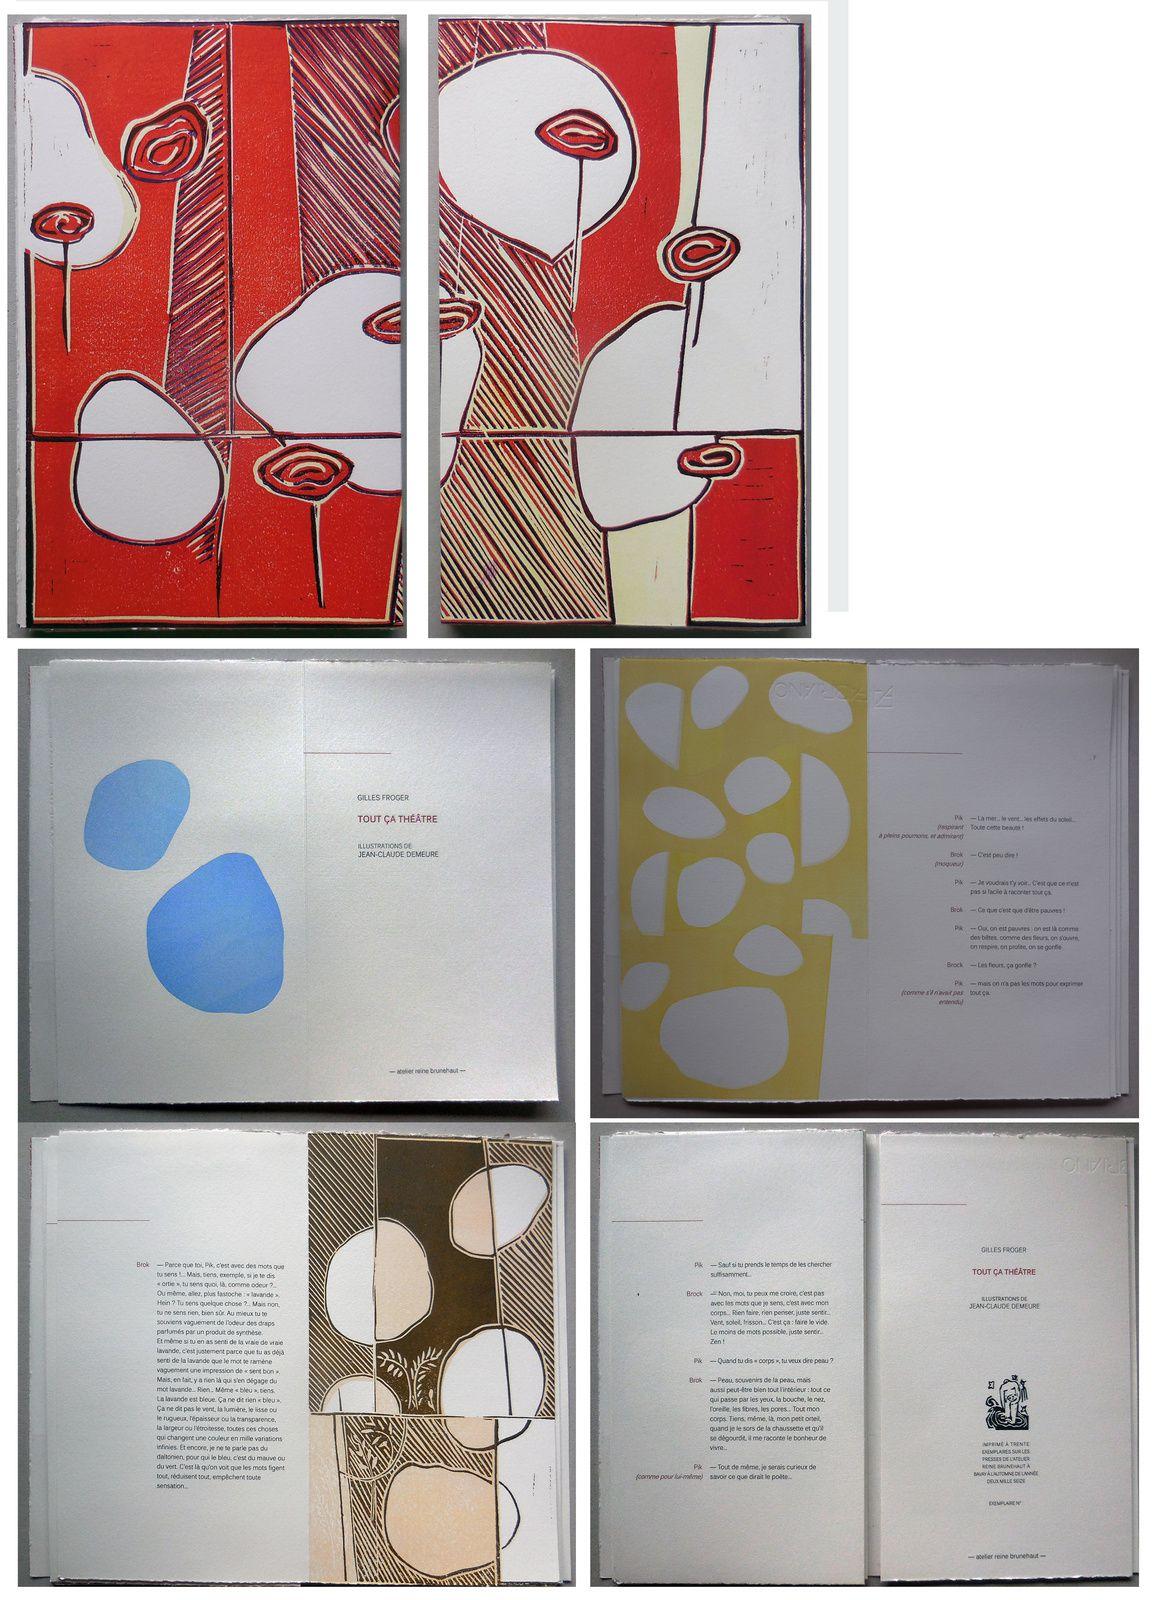 Tout ça théâtre, texte de Gilles Froger, 19x30 cm, linographies couleurs édité à 30 exemplaires, 2016